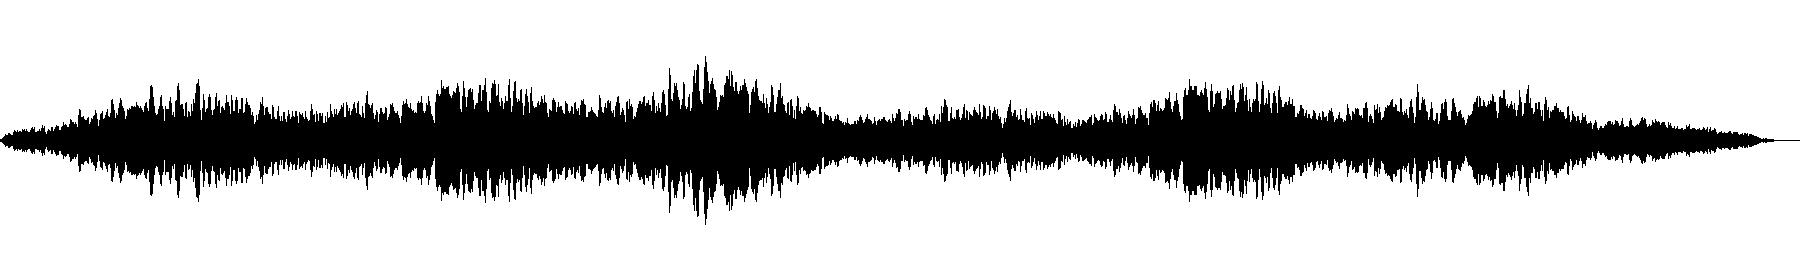 66058 ambience08 internal wav